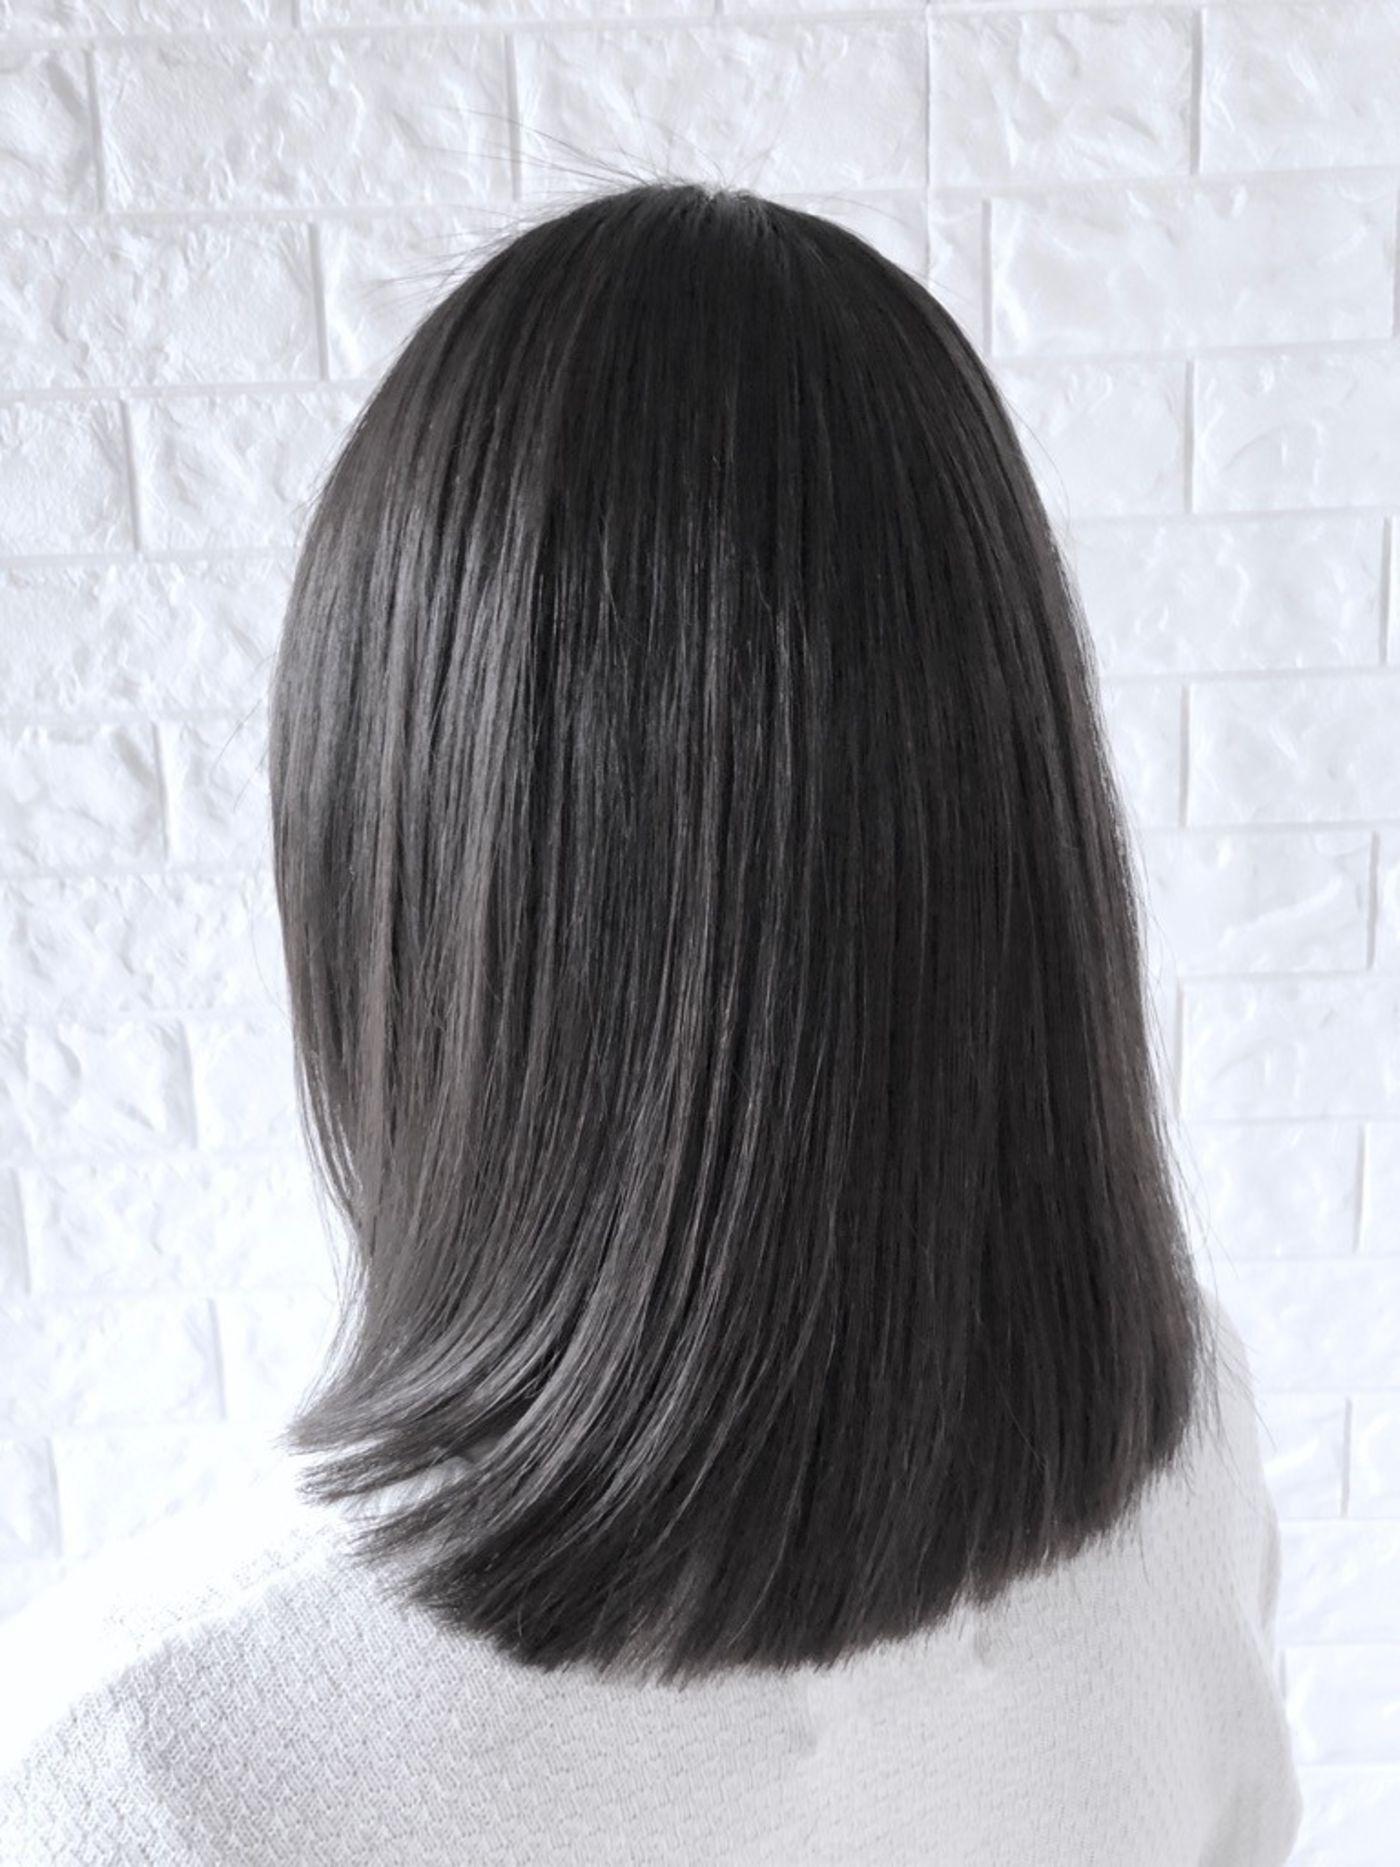 おすすめヘアスタイル1:時短×スタイリングのしやすさで隠れた人気ストレートスタイル。